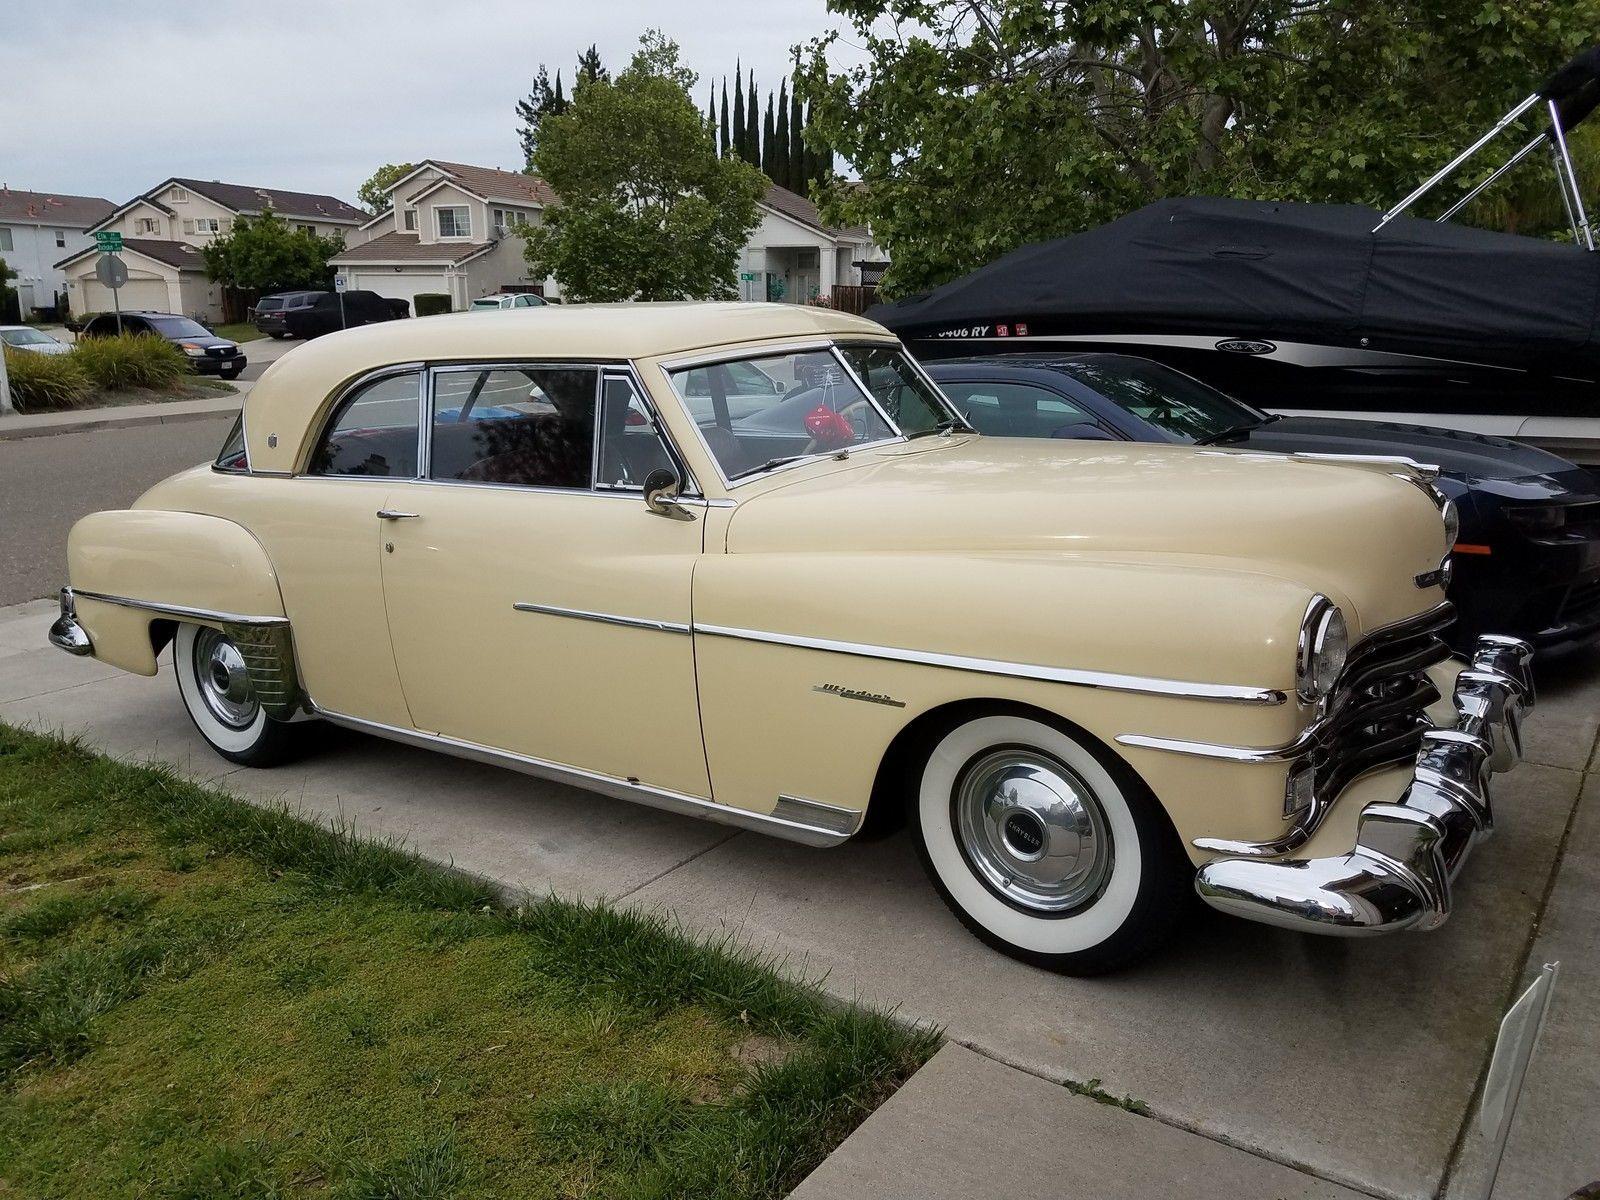 1950 Chrysler Windsor Limousine With Images Avto